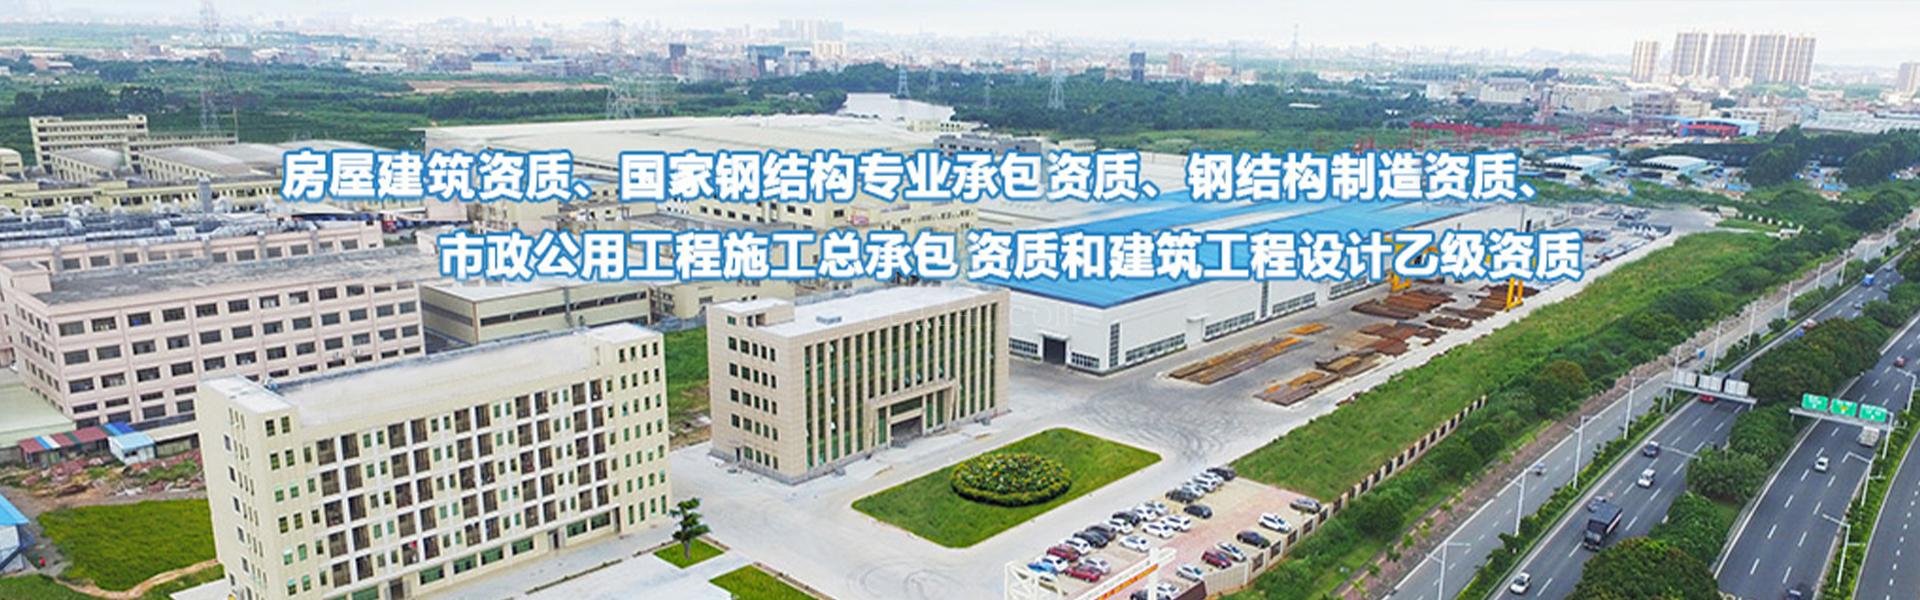 公司简介-福建龙嘉辰建设工程有限公司